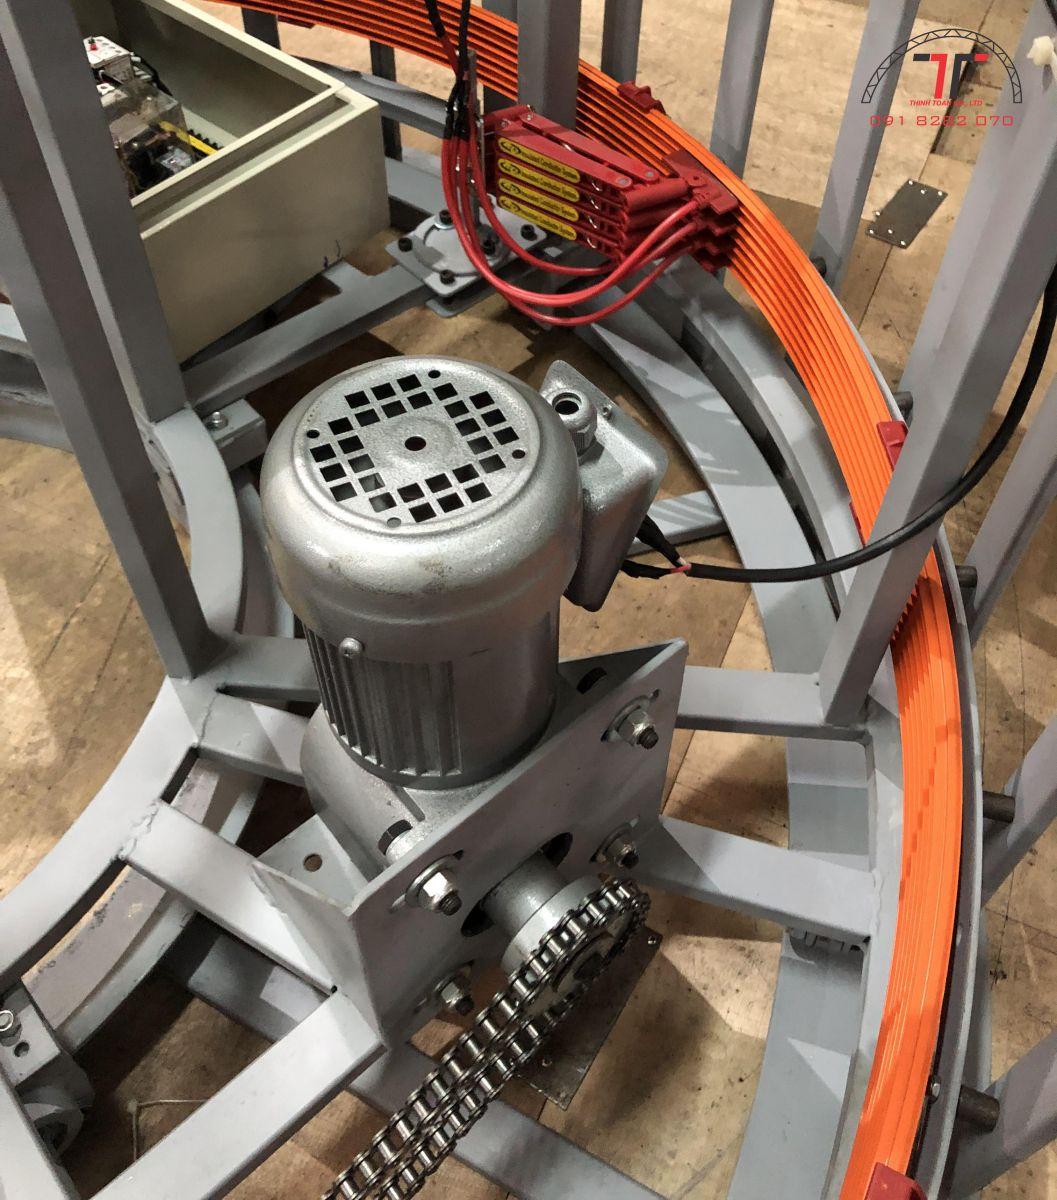 Motor được kết nối với chổi than và tủ điều khiển